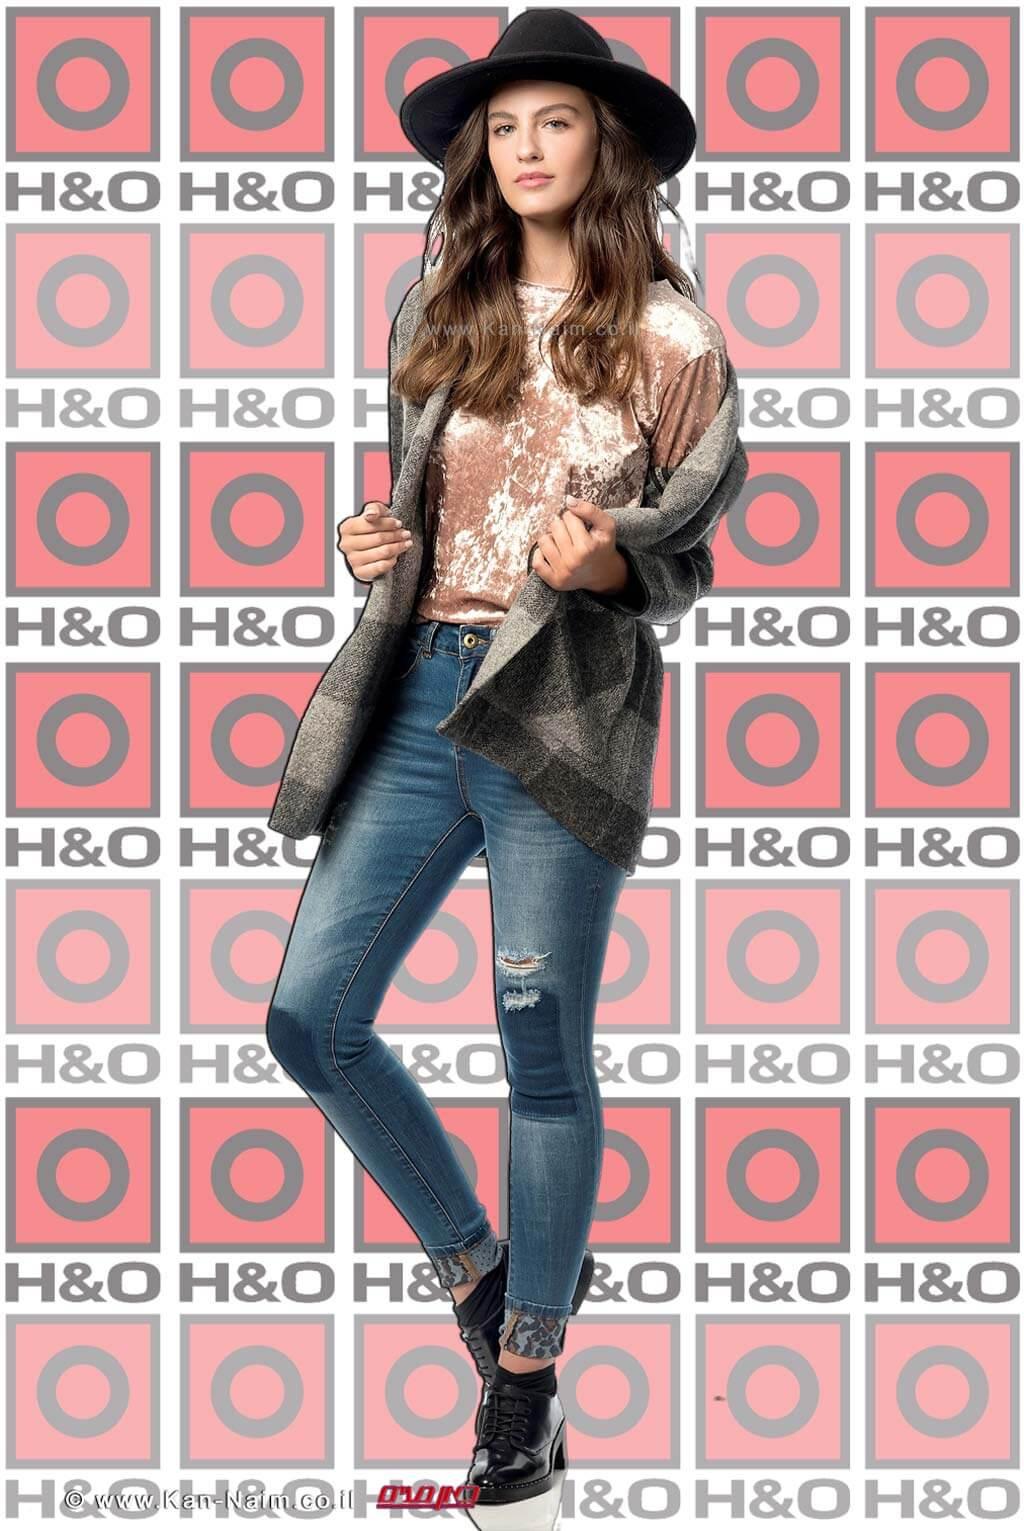 נערת ישראל אדר גנדלסמן בקמפיין ראשון שלה לרשת האופנה H&O   צילום: עידו לביא